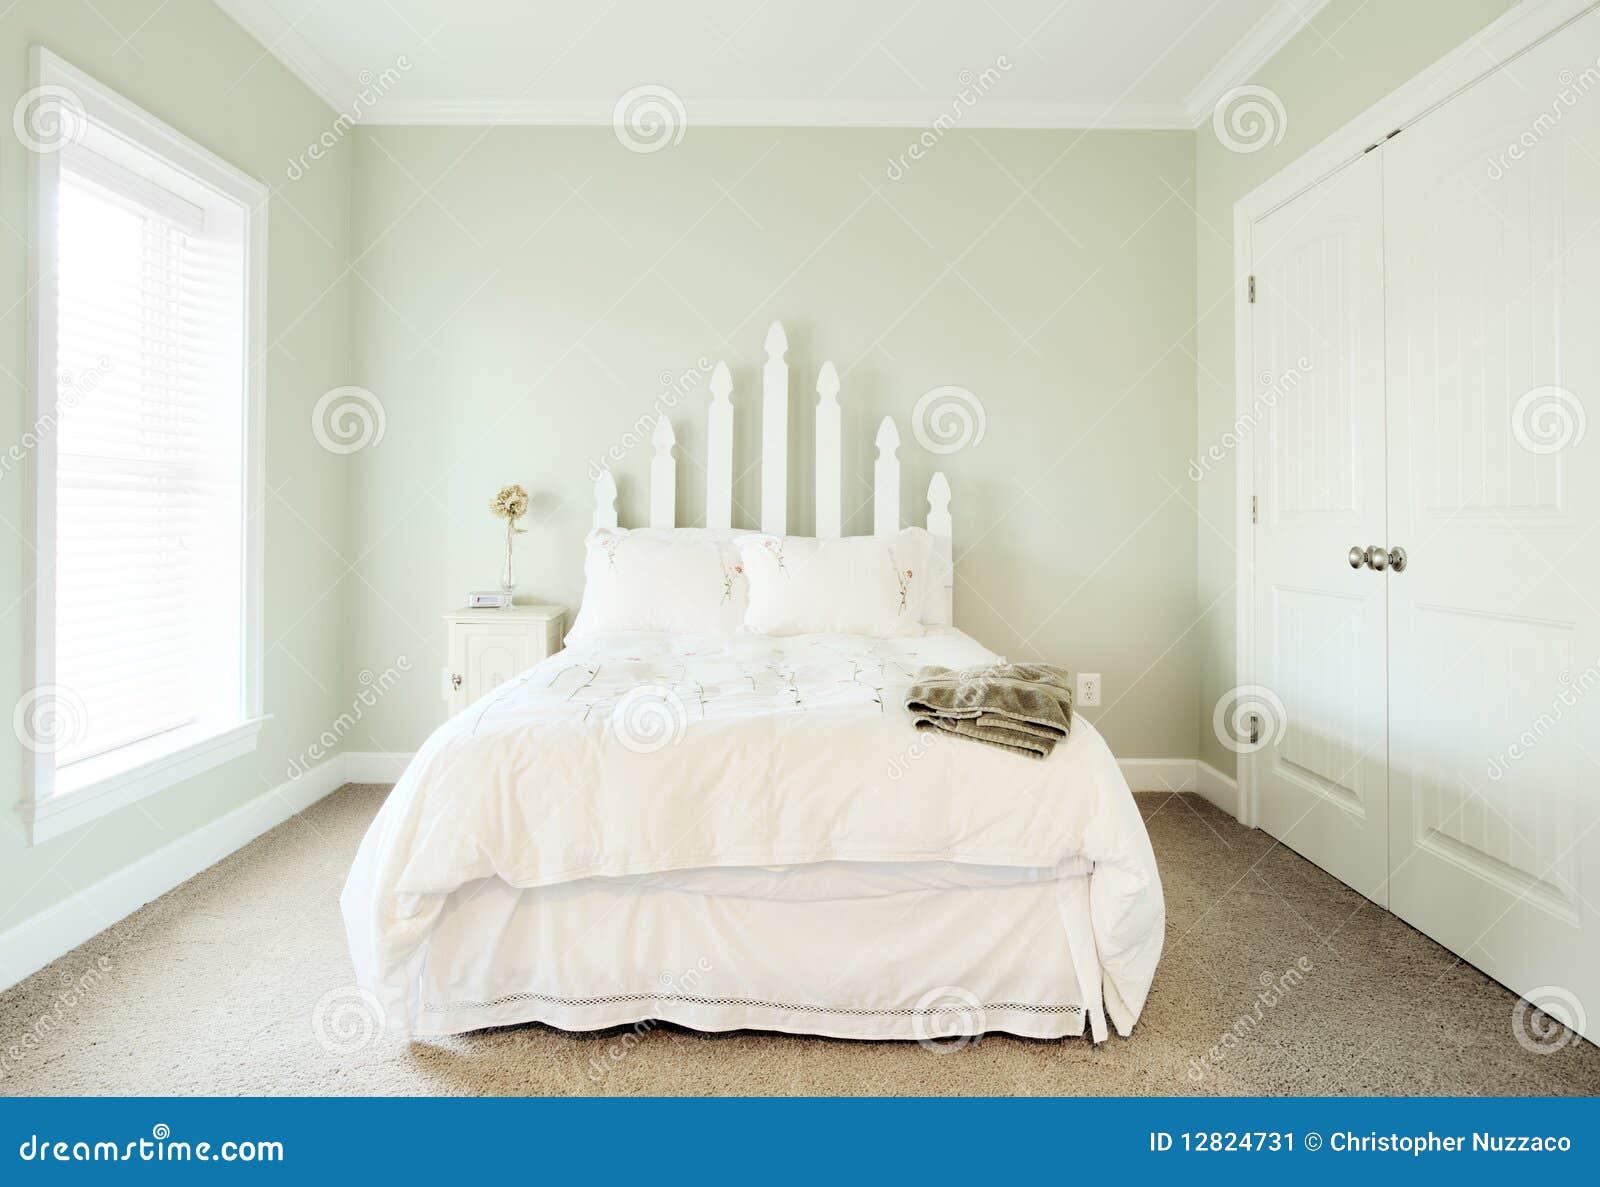 Het binnenland van de slaapkamer van de pastelkleur stock afbeelding afbeelding 12824731 - Model van de slaapkamer ...